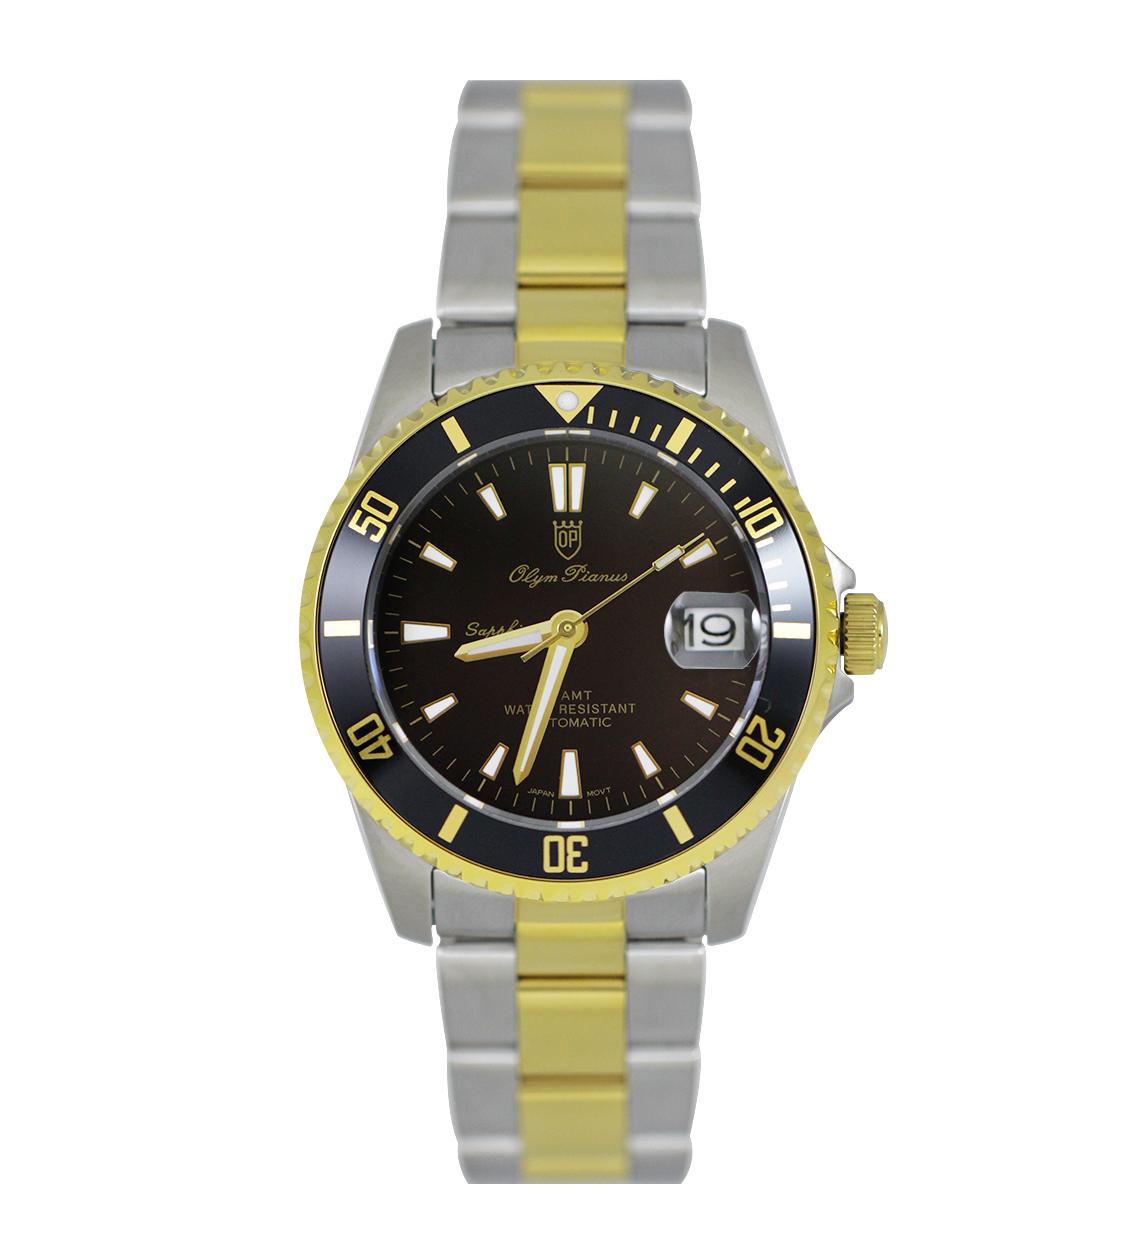 Đồng hồ OP Automatic OP89983AMSK-D